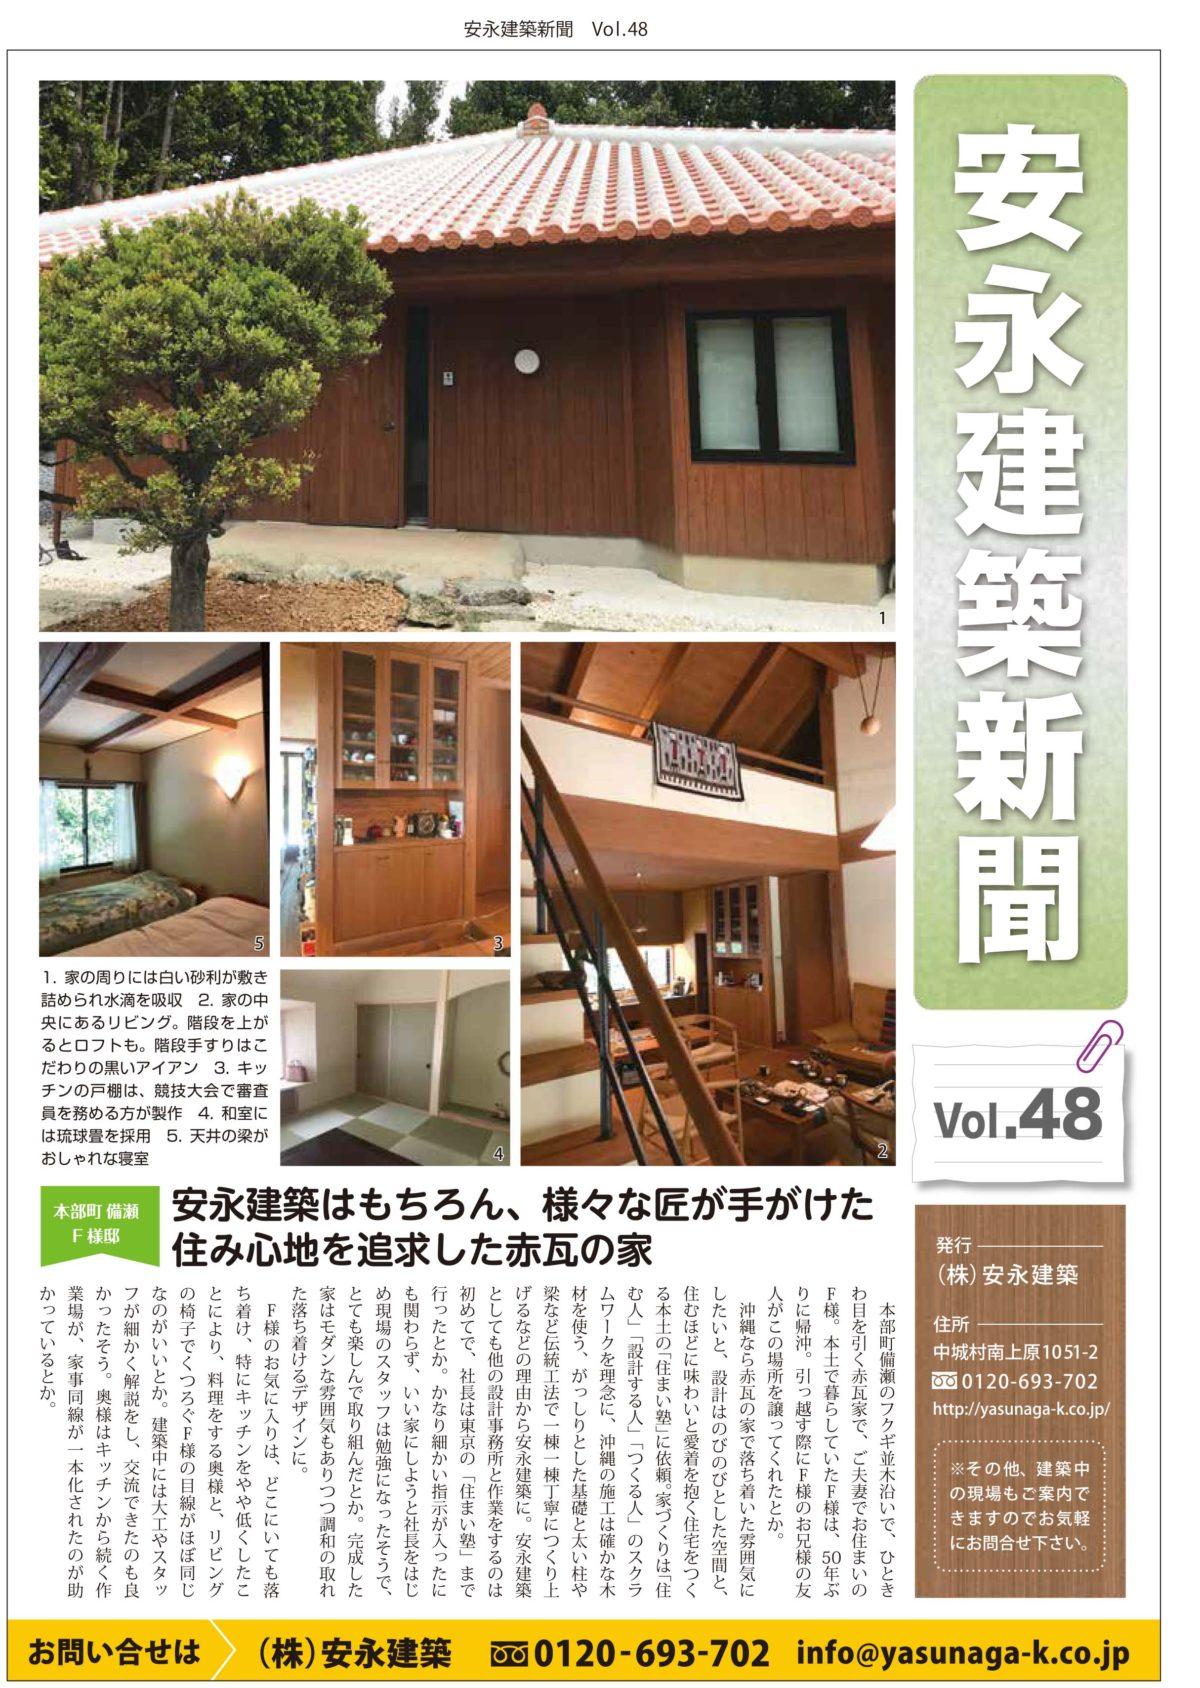 「安永建築新聞」48号です! マンガ以外のチラシもやってます!